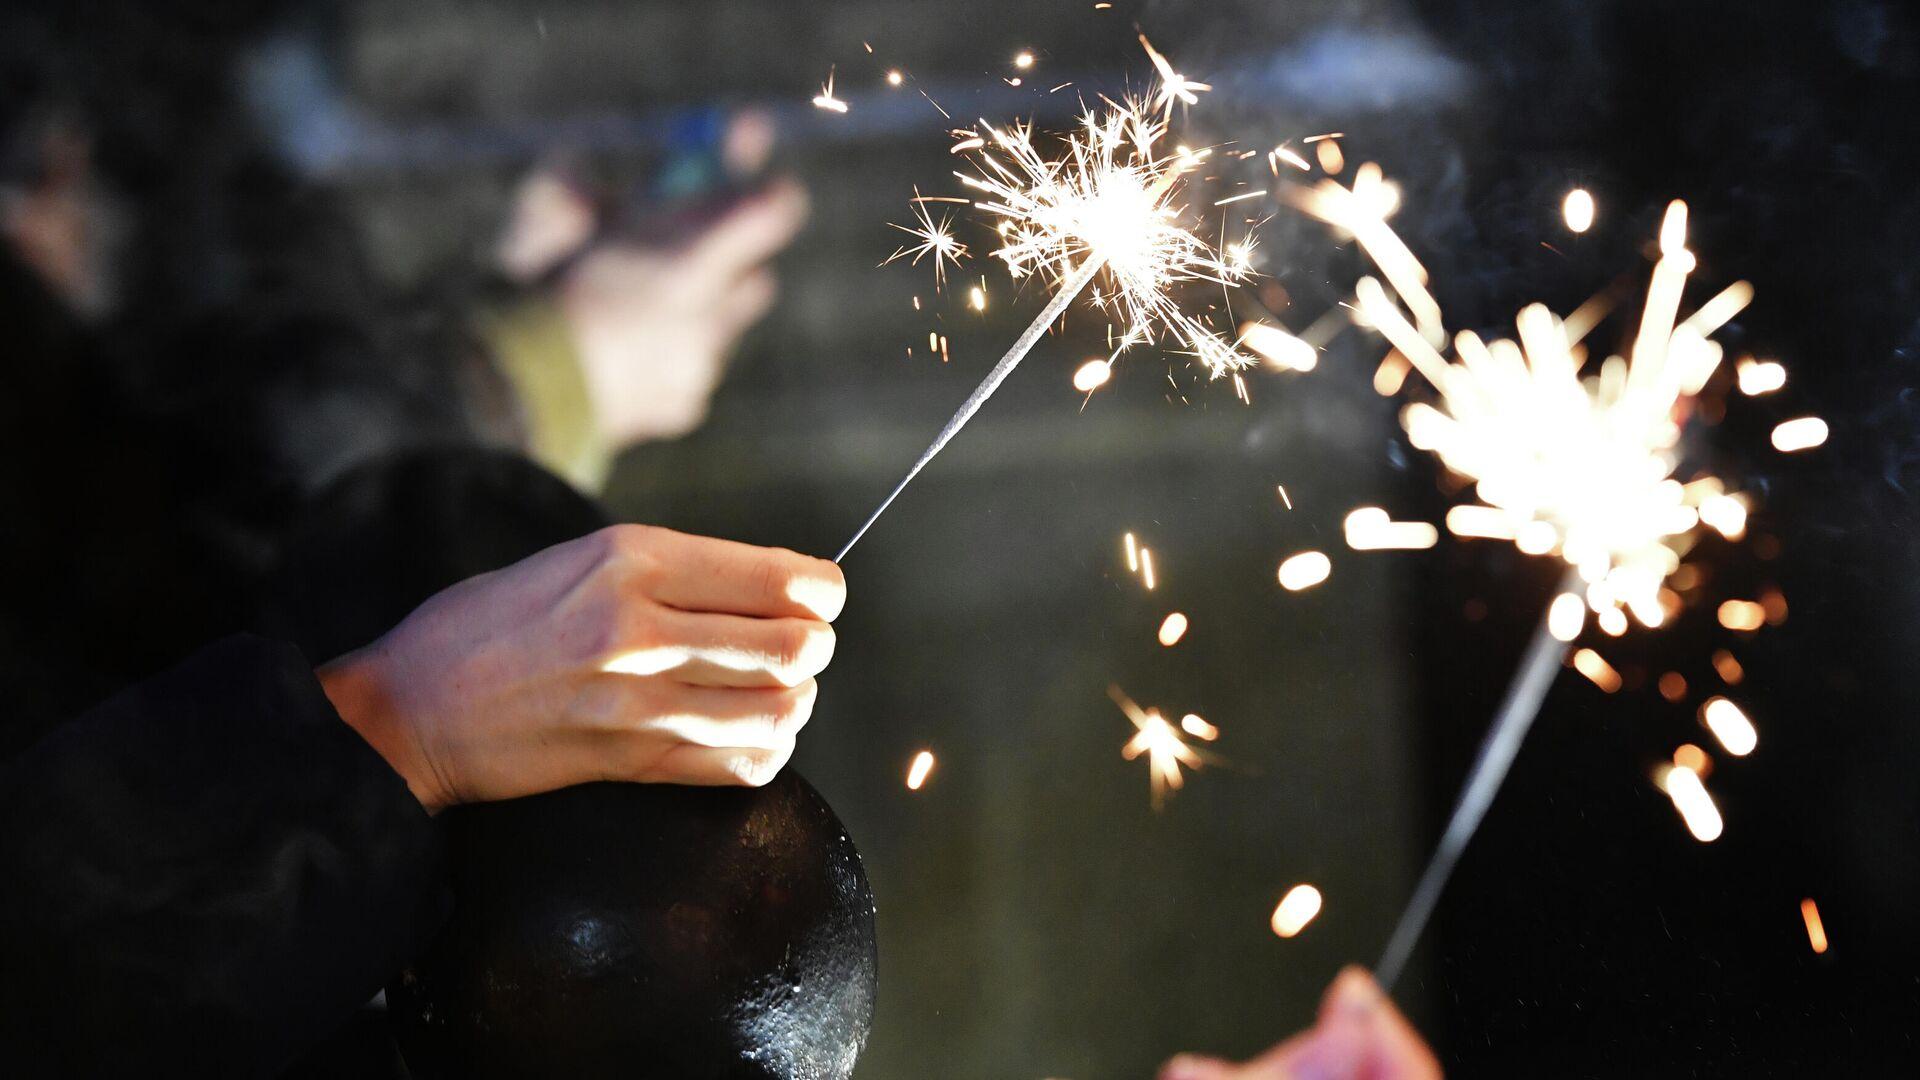 Бенгальские огни в руках людей, празднующих Новый год - РИА Новости, 1920, 30.12.2020